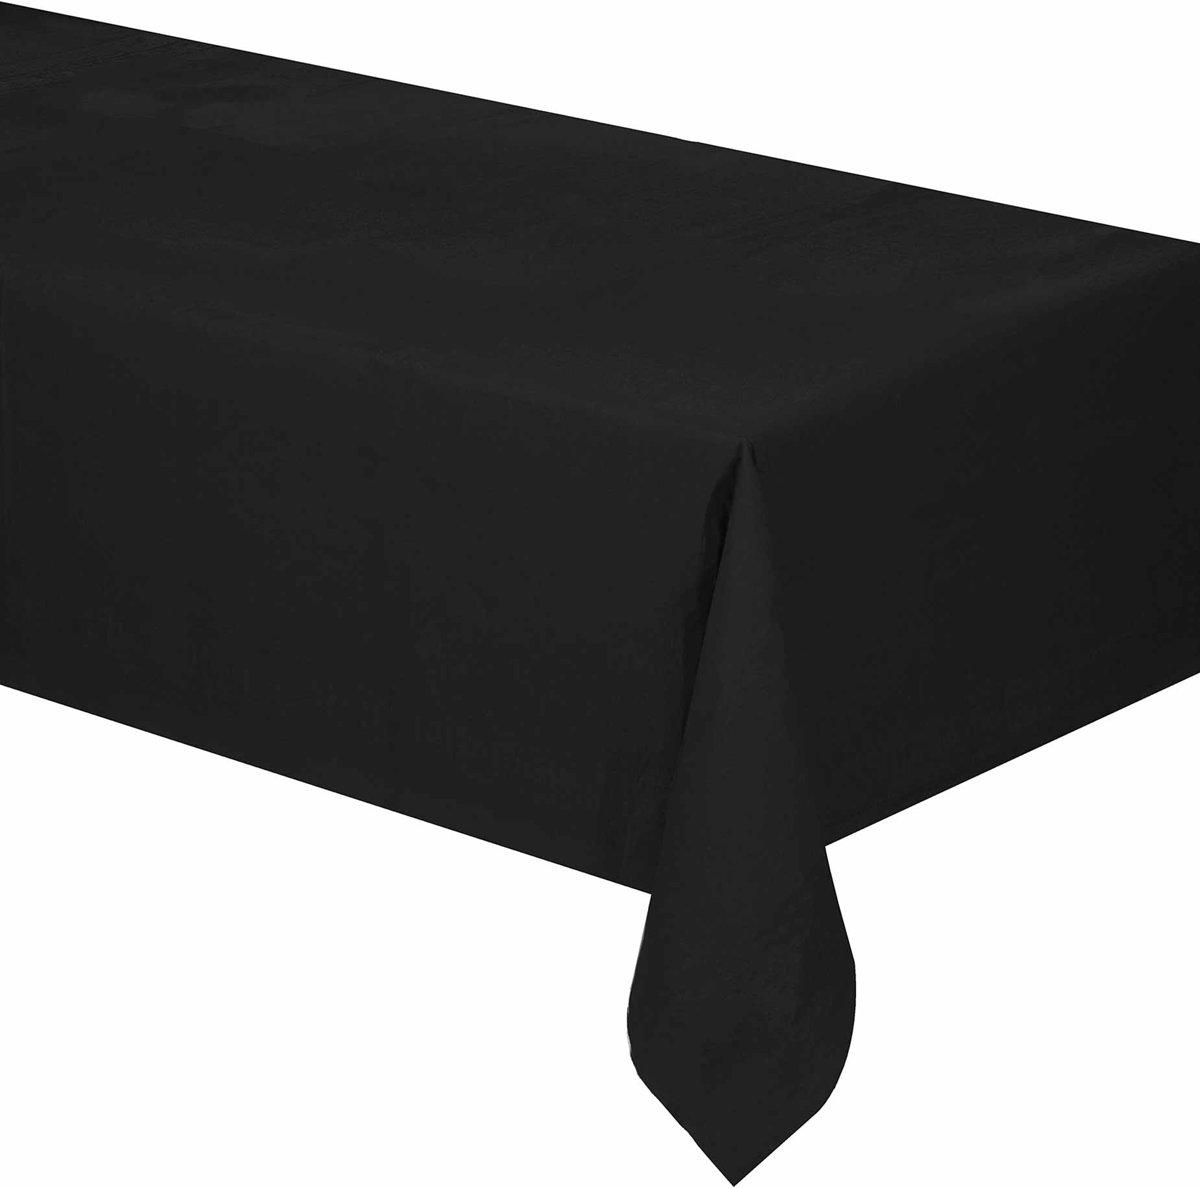 Zwart papieren tafelkleed - Feestdecoratievoorwerp kopen